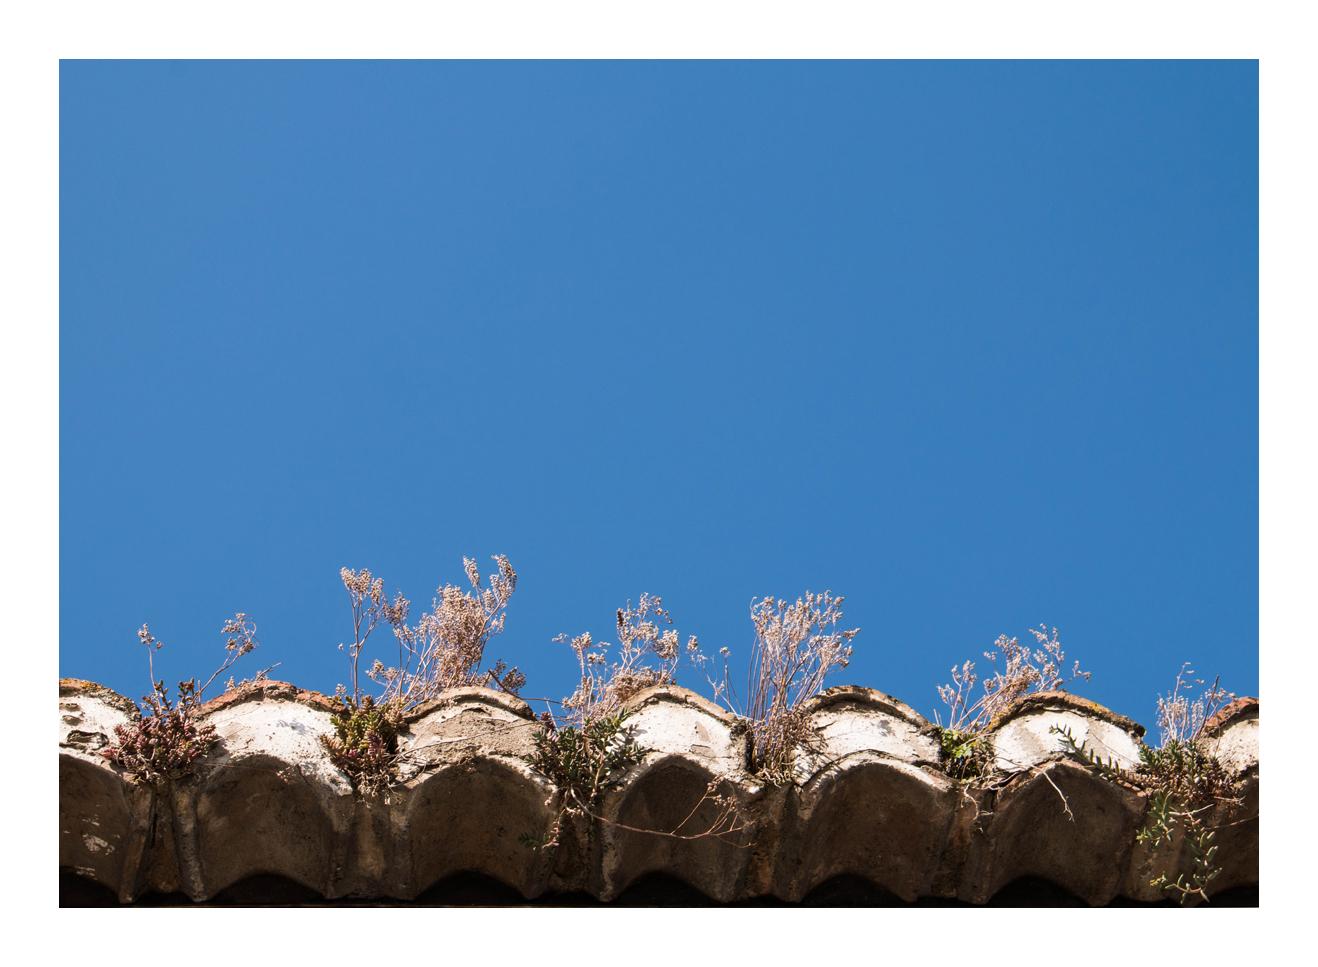 ein Blick auf das Dach